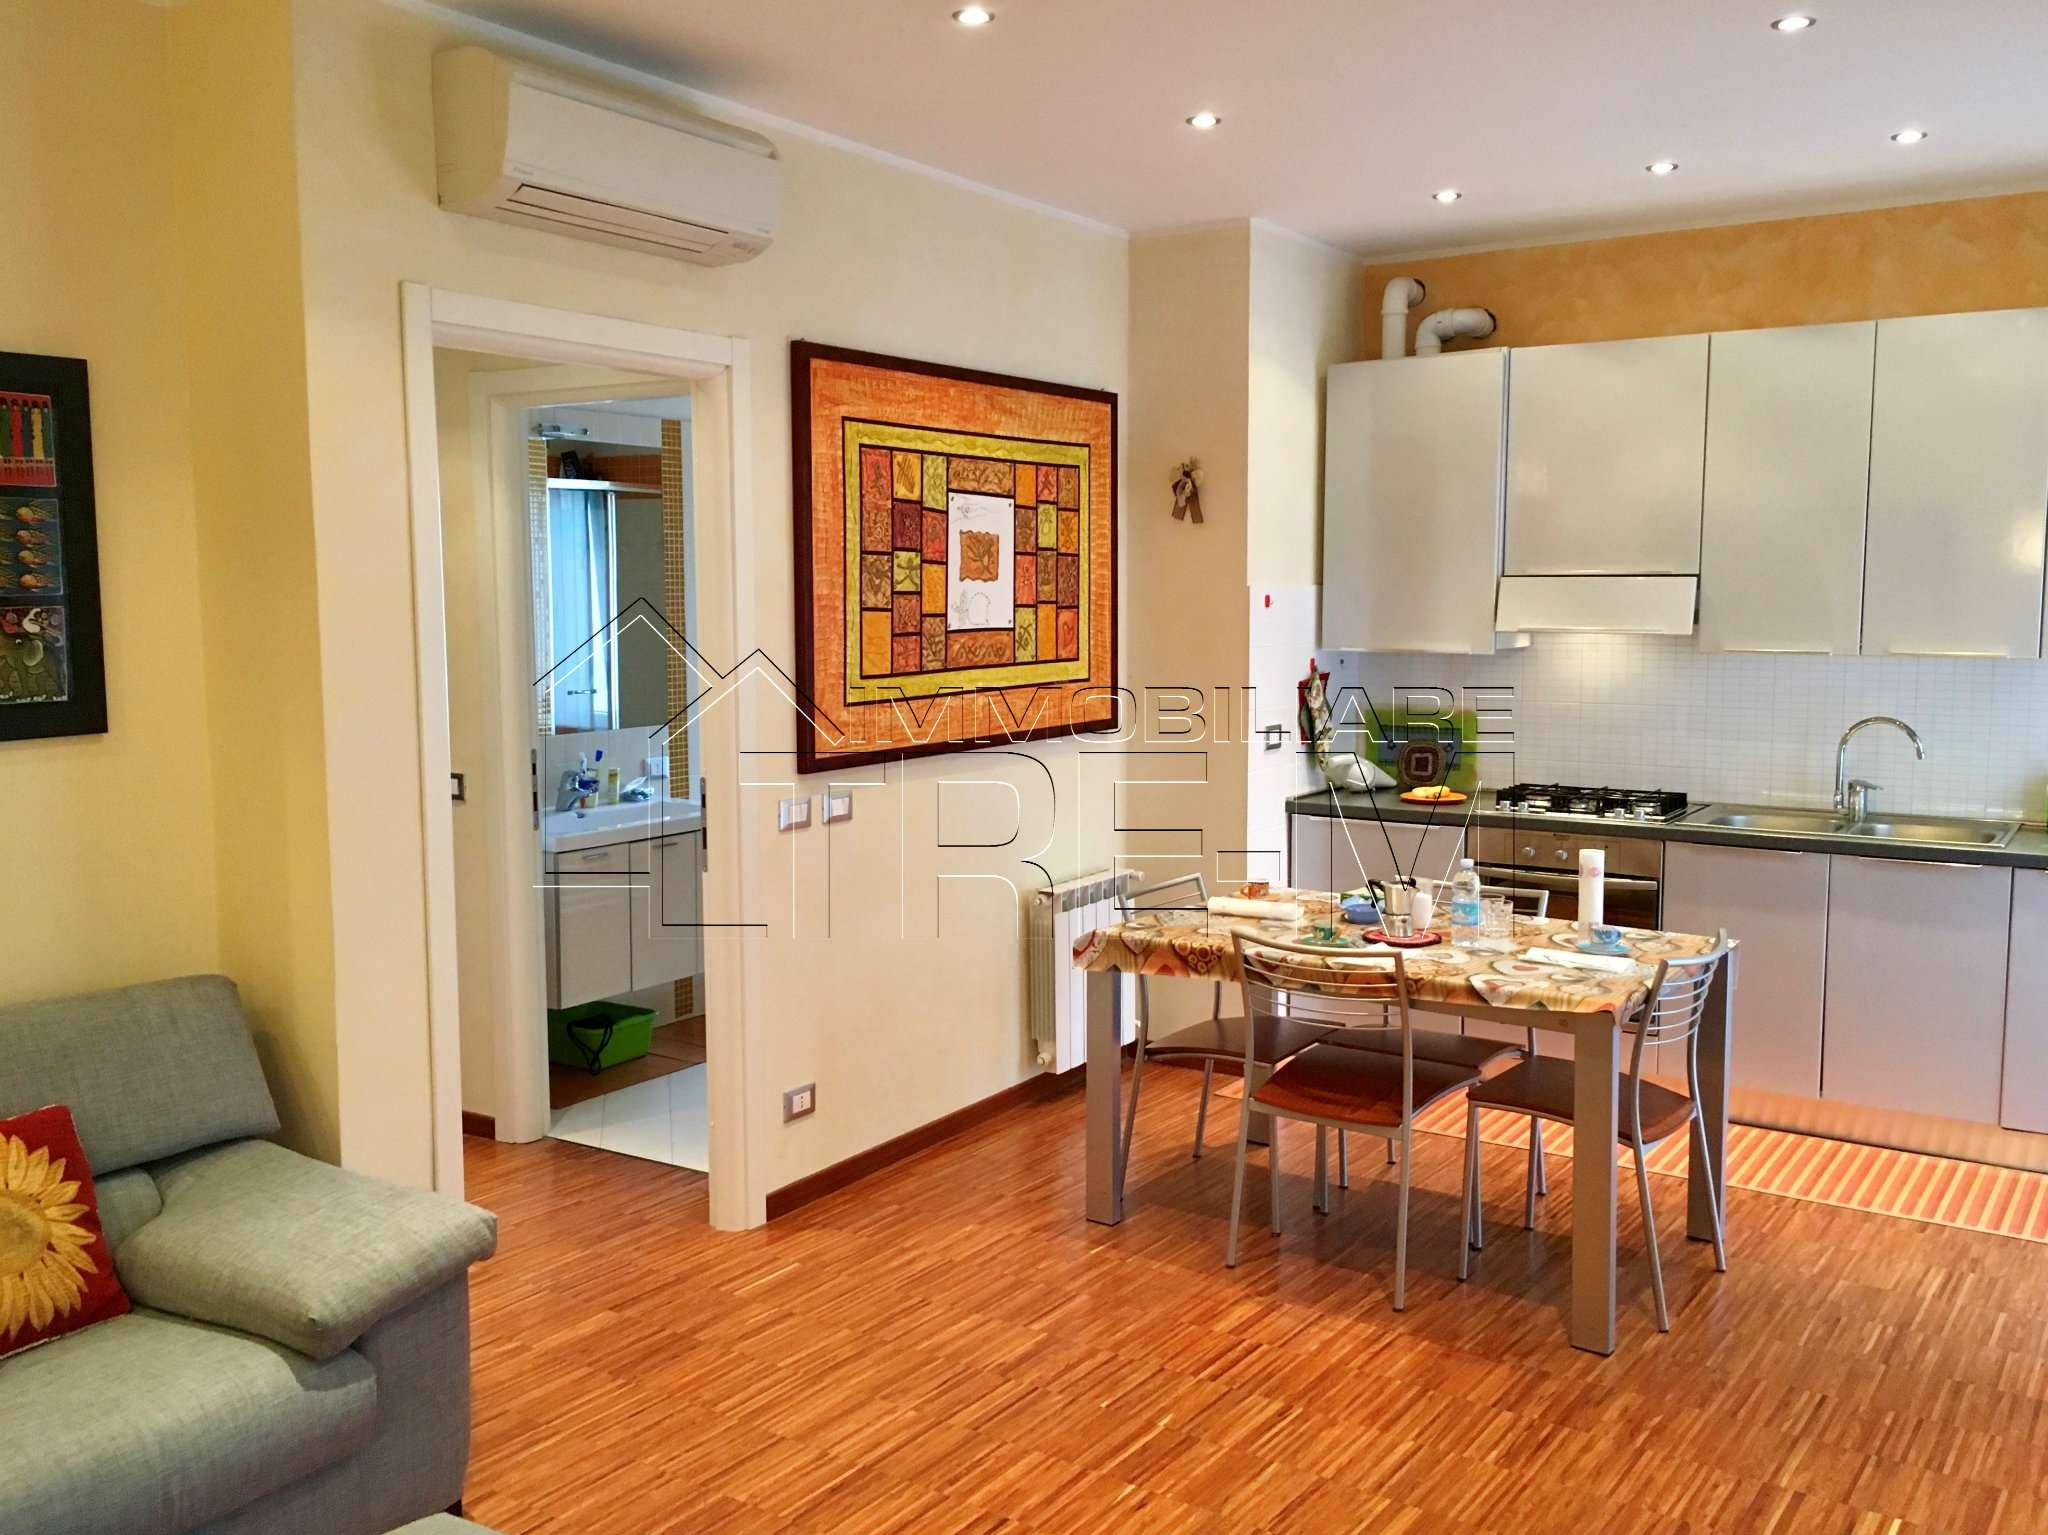 Appartamento in vendita a Rapallo, 2 locali, prezzo € 235.000 | CambioCasa.it